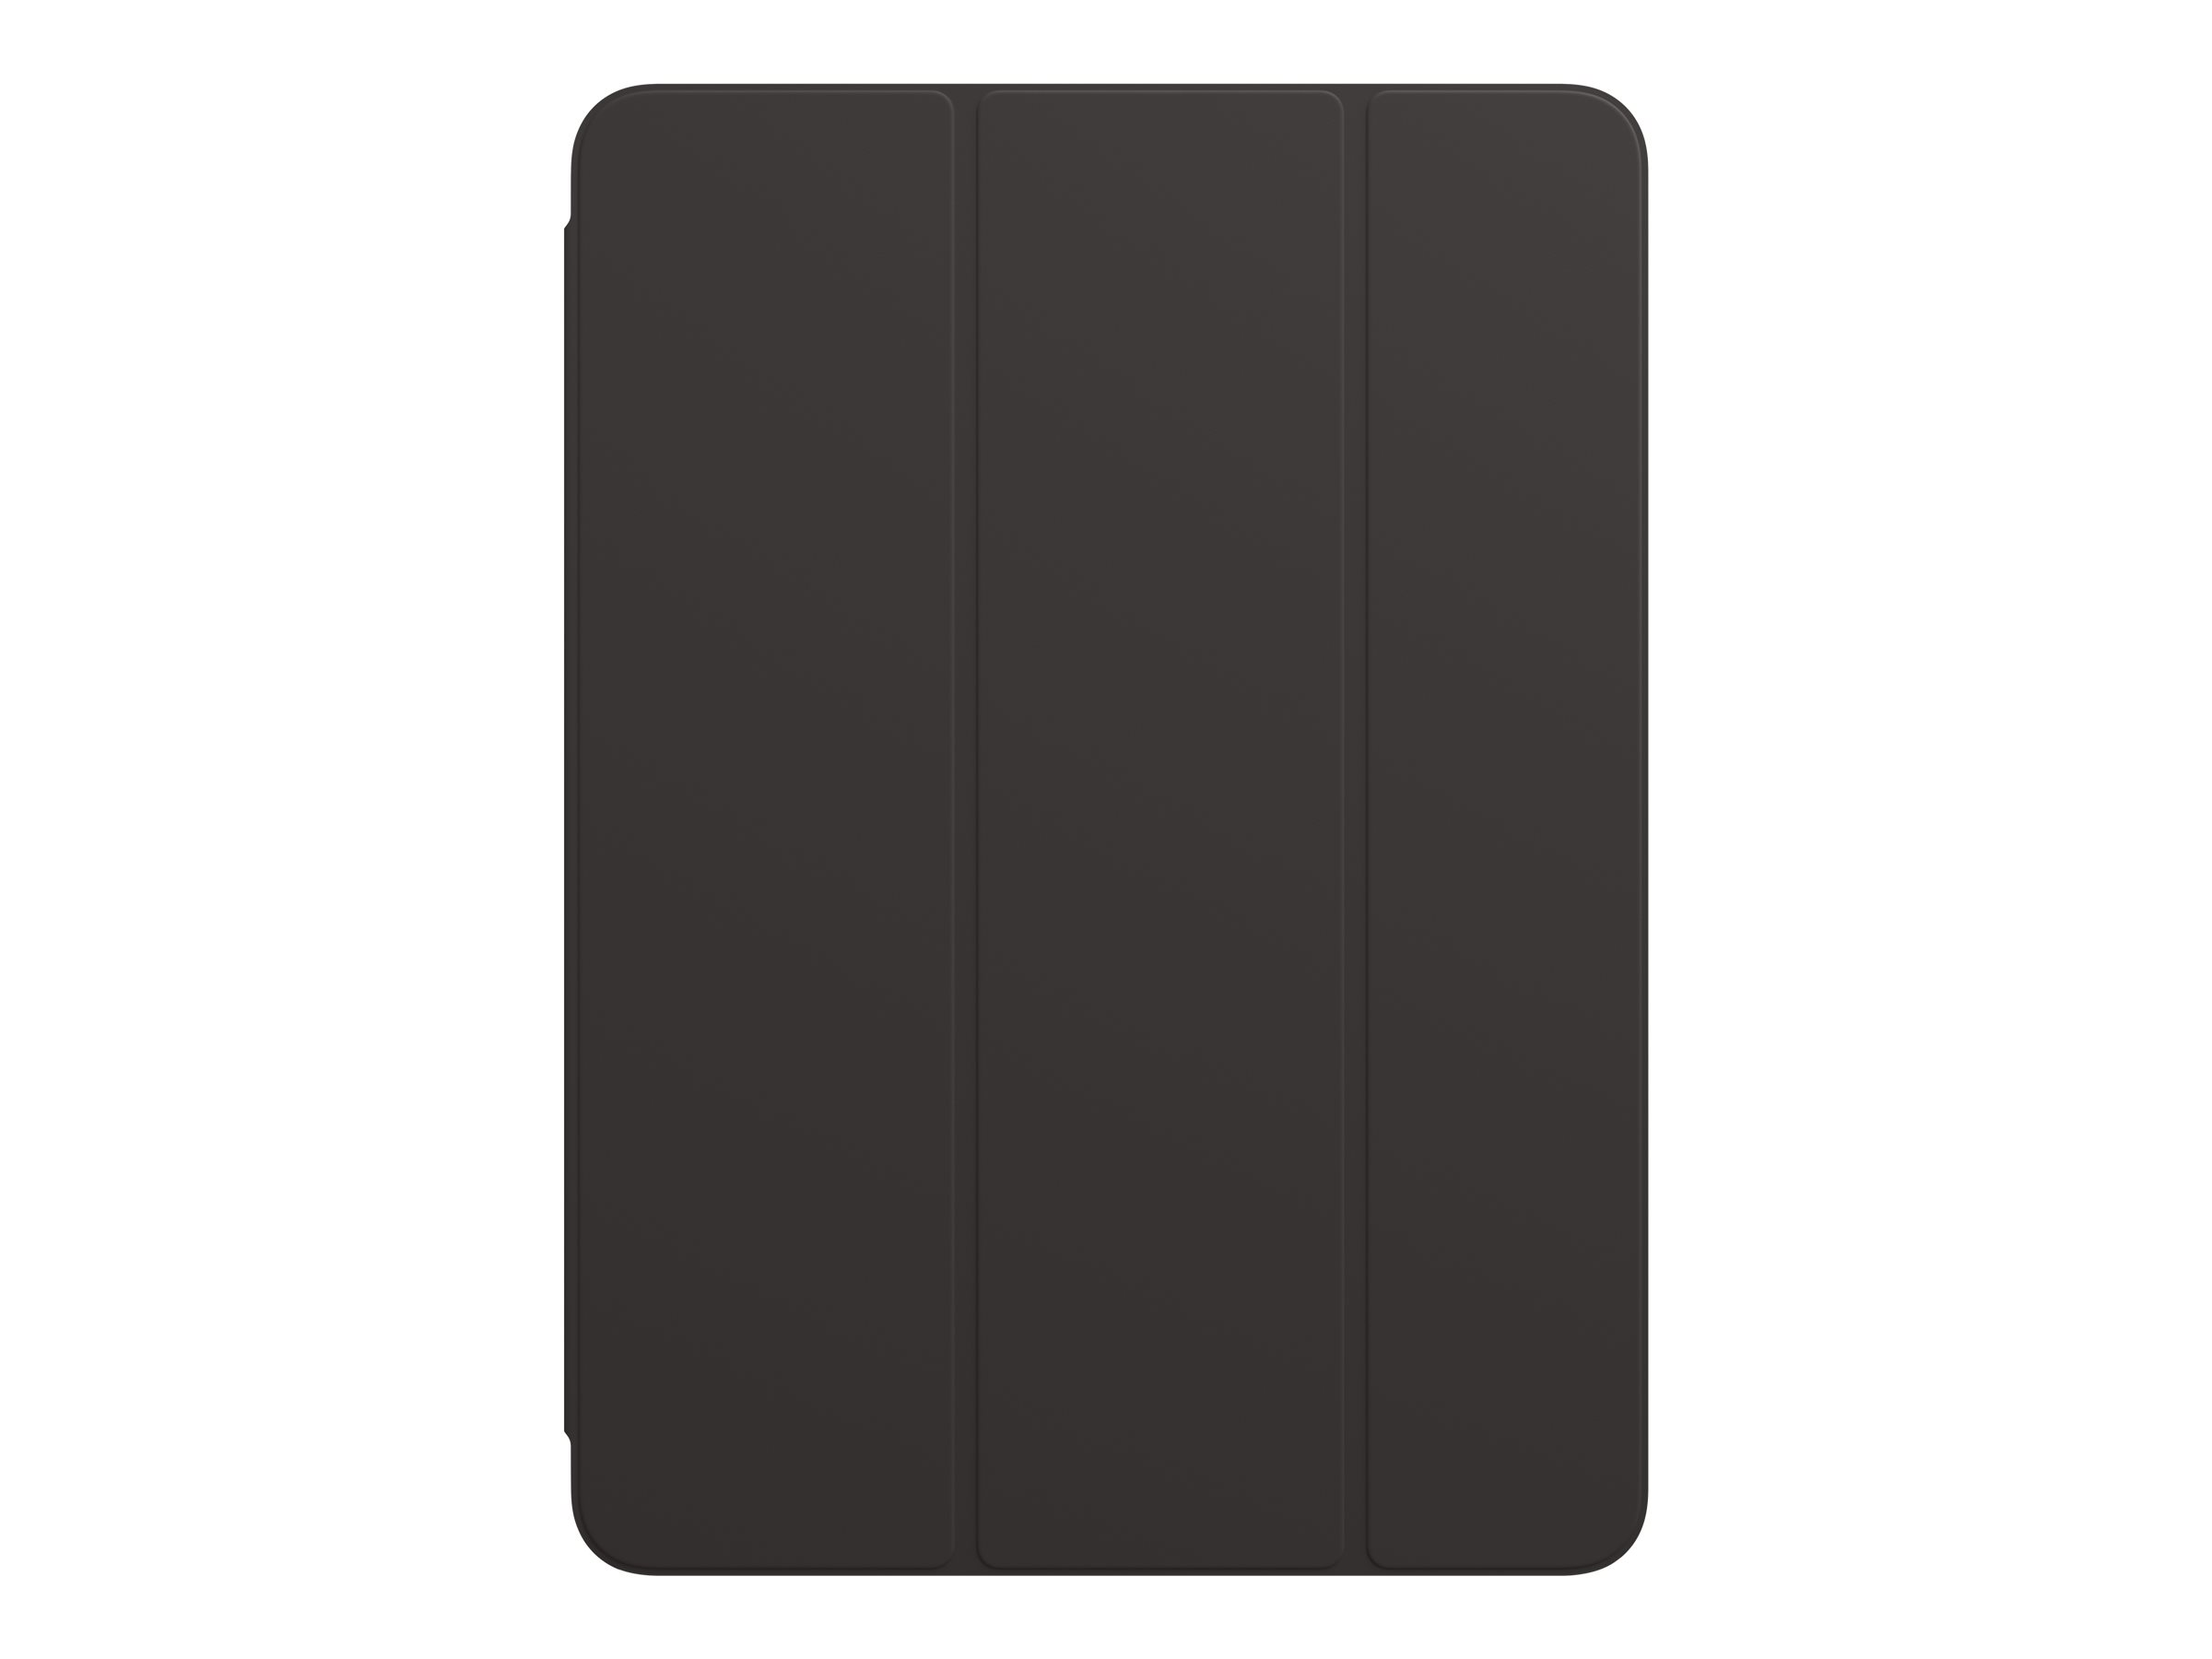 """Vorschau: Apple Smart Folio - Flip-Hülle für Tablet - Polyurethan - Schwarz - 11"""" - für 11-inch iPad Pro (1. Generation, 2. Generation)"""